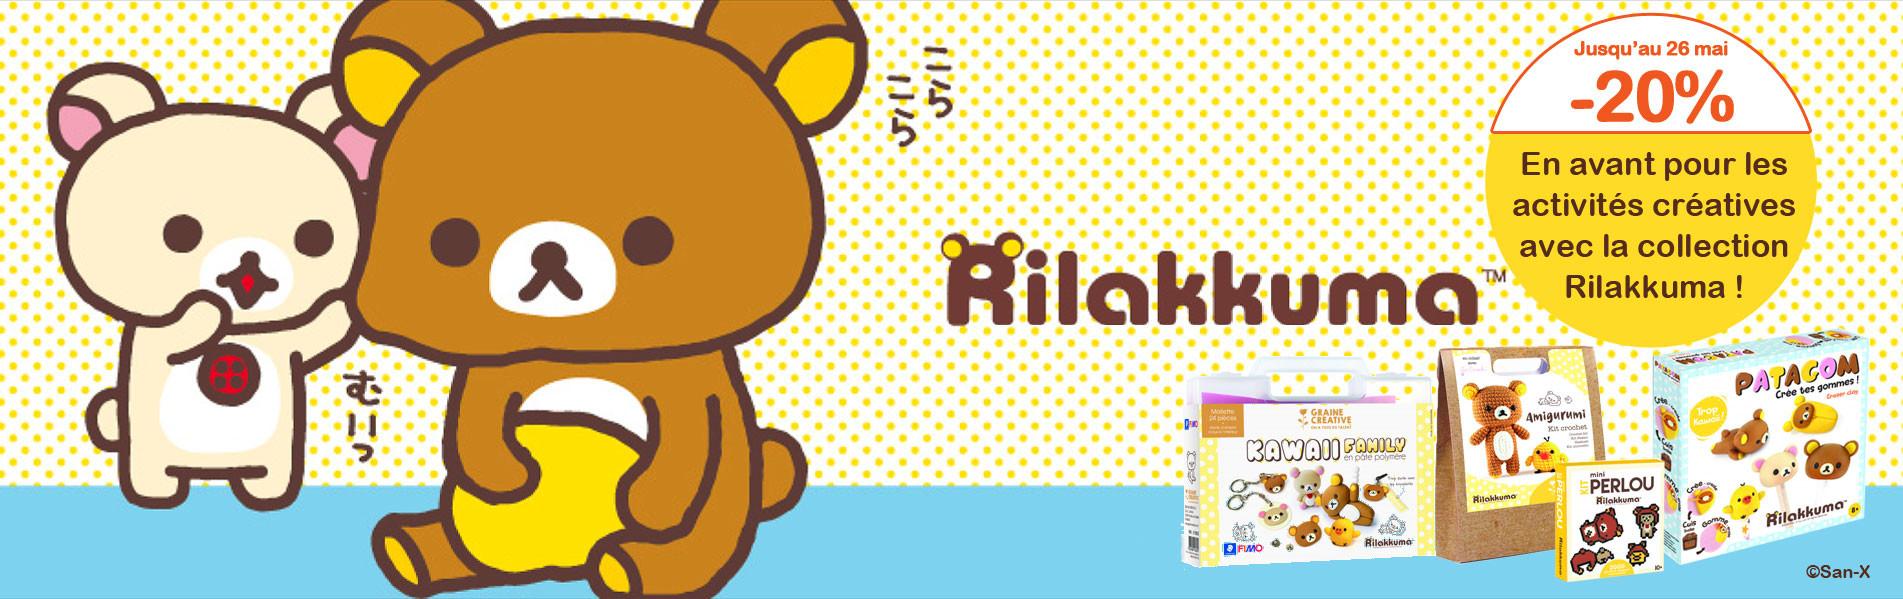 Coffret créatif Rilakkuma